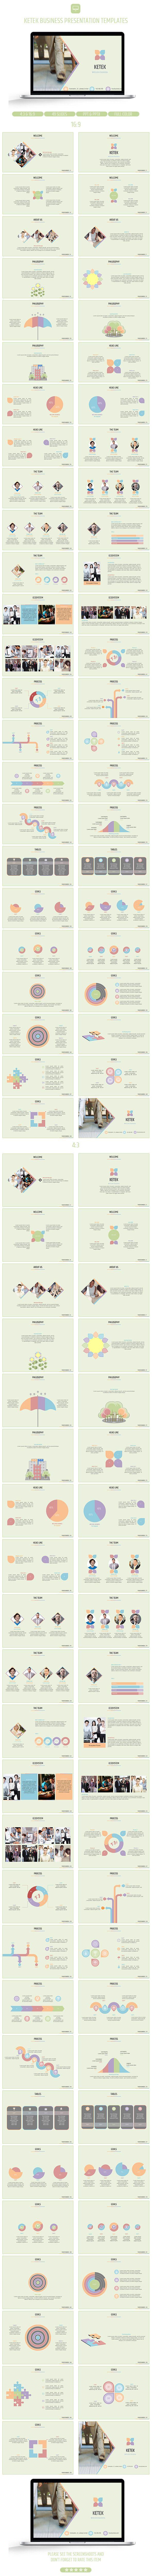 Ketek Welcome Business Presentation Template #design Download: http://graphicriver.net/item/ketek-welcome-business-presentation-templates/12319763?ref=ksioks